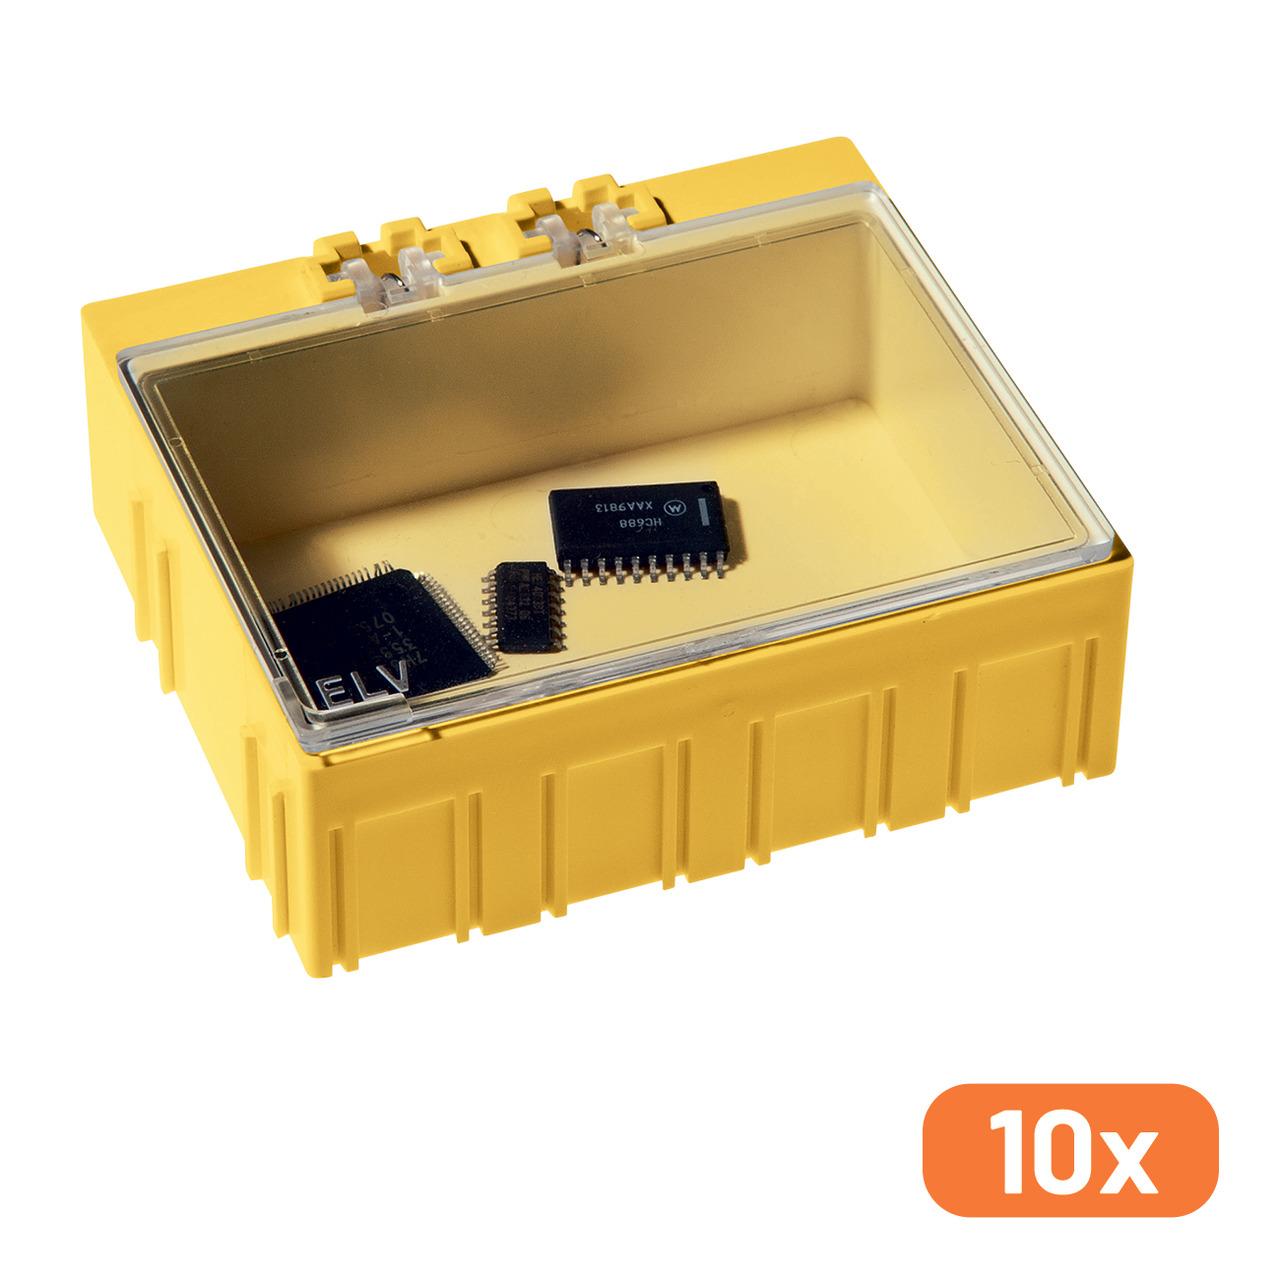 10er-Set ELV SMD-Sortierbox- Gelb- 23 x 62 x 54 mm